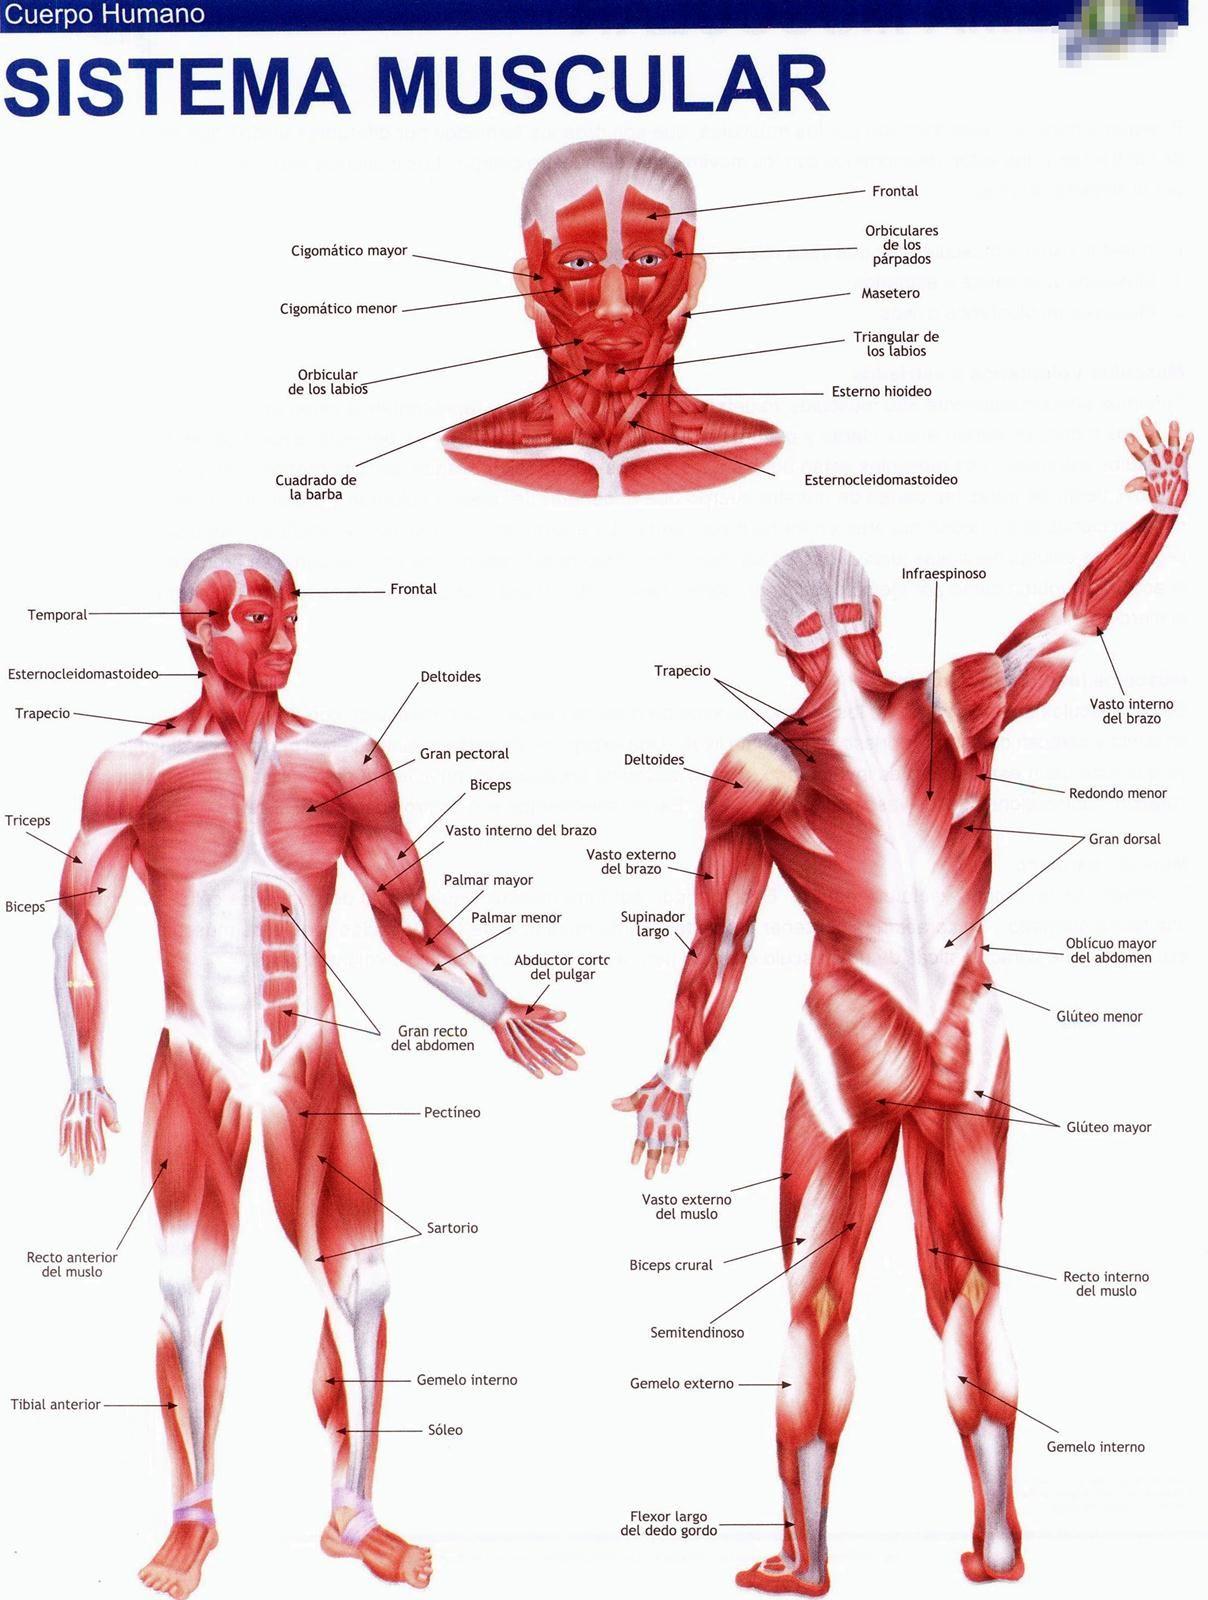 45 Imagenes A Todo Color Para Recortes Em 2020 Livro De Anatomia